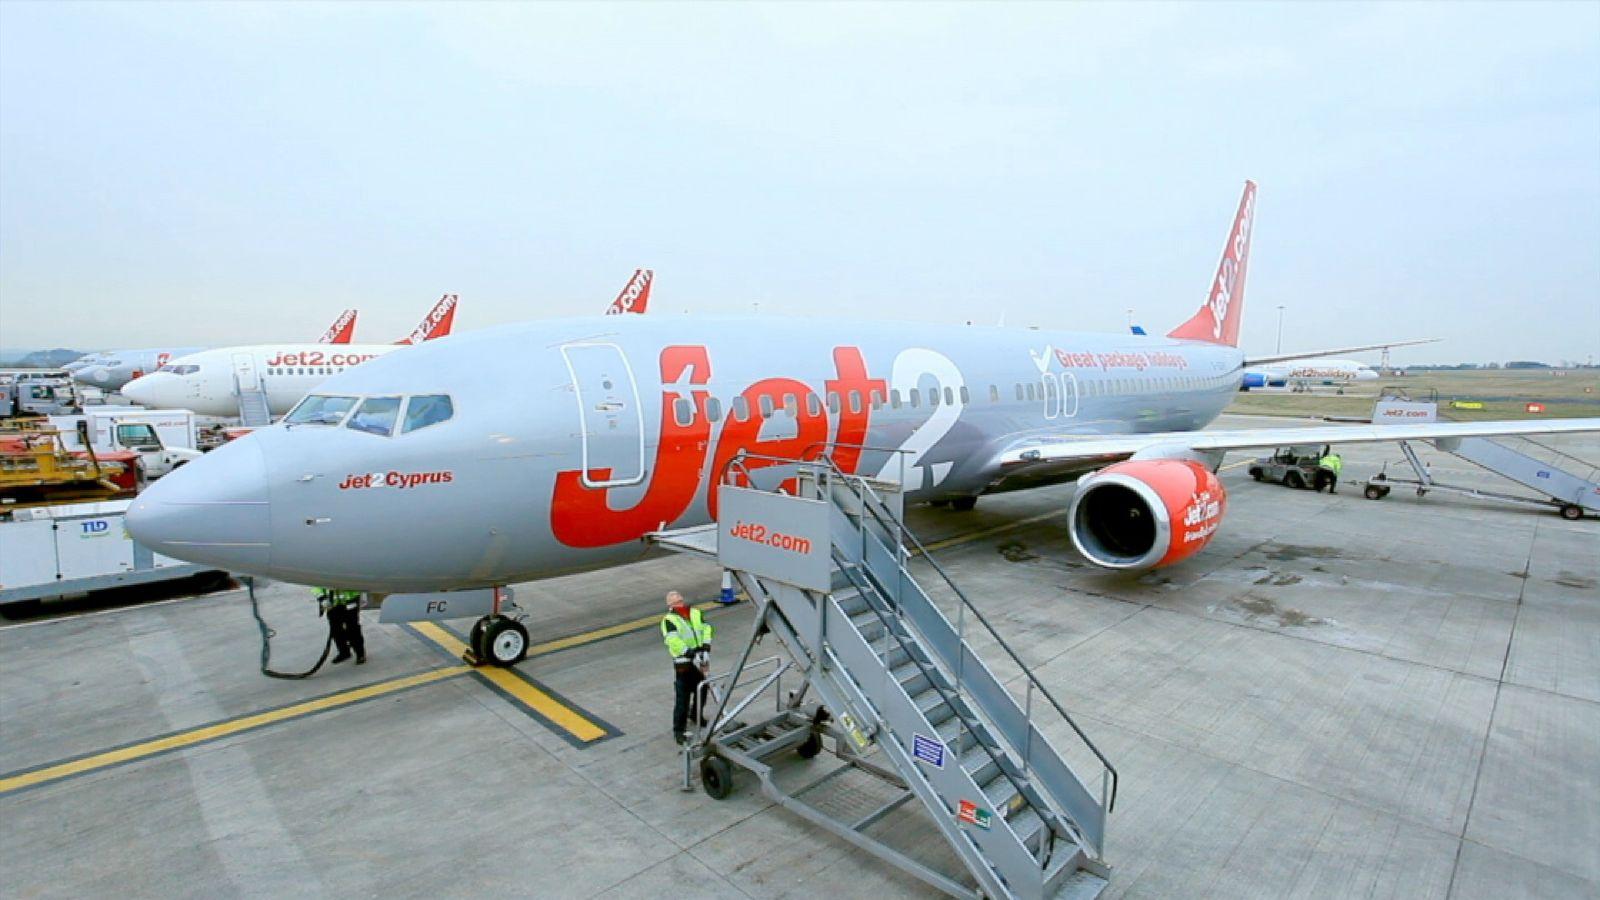 jet2 - photo #44